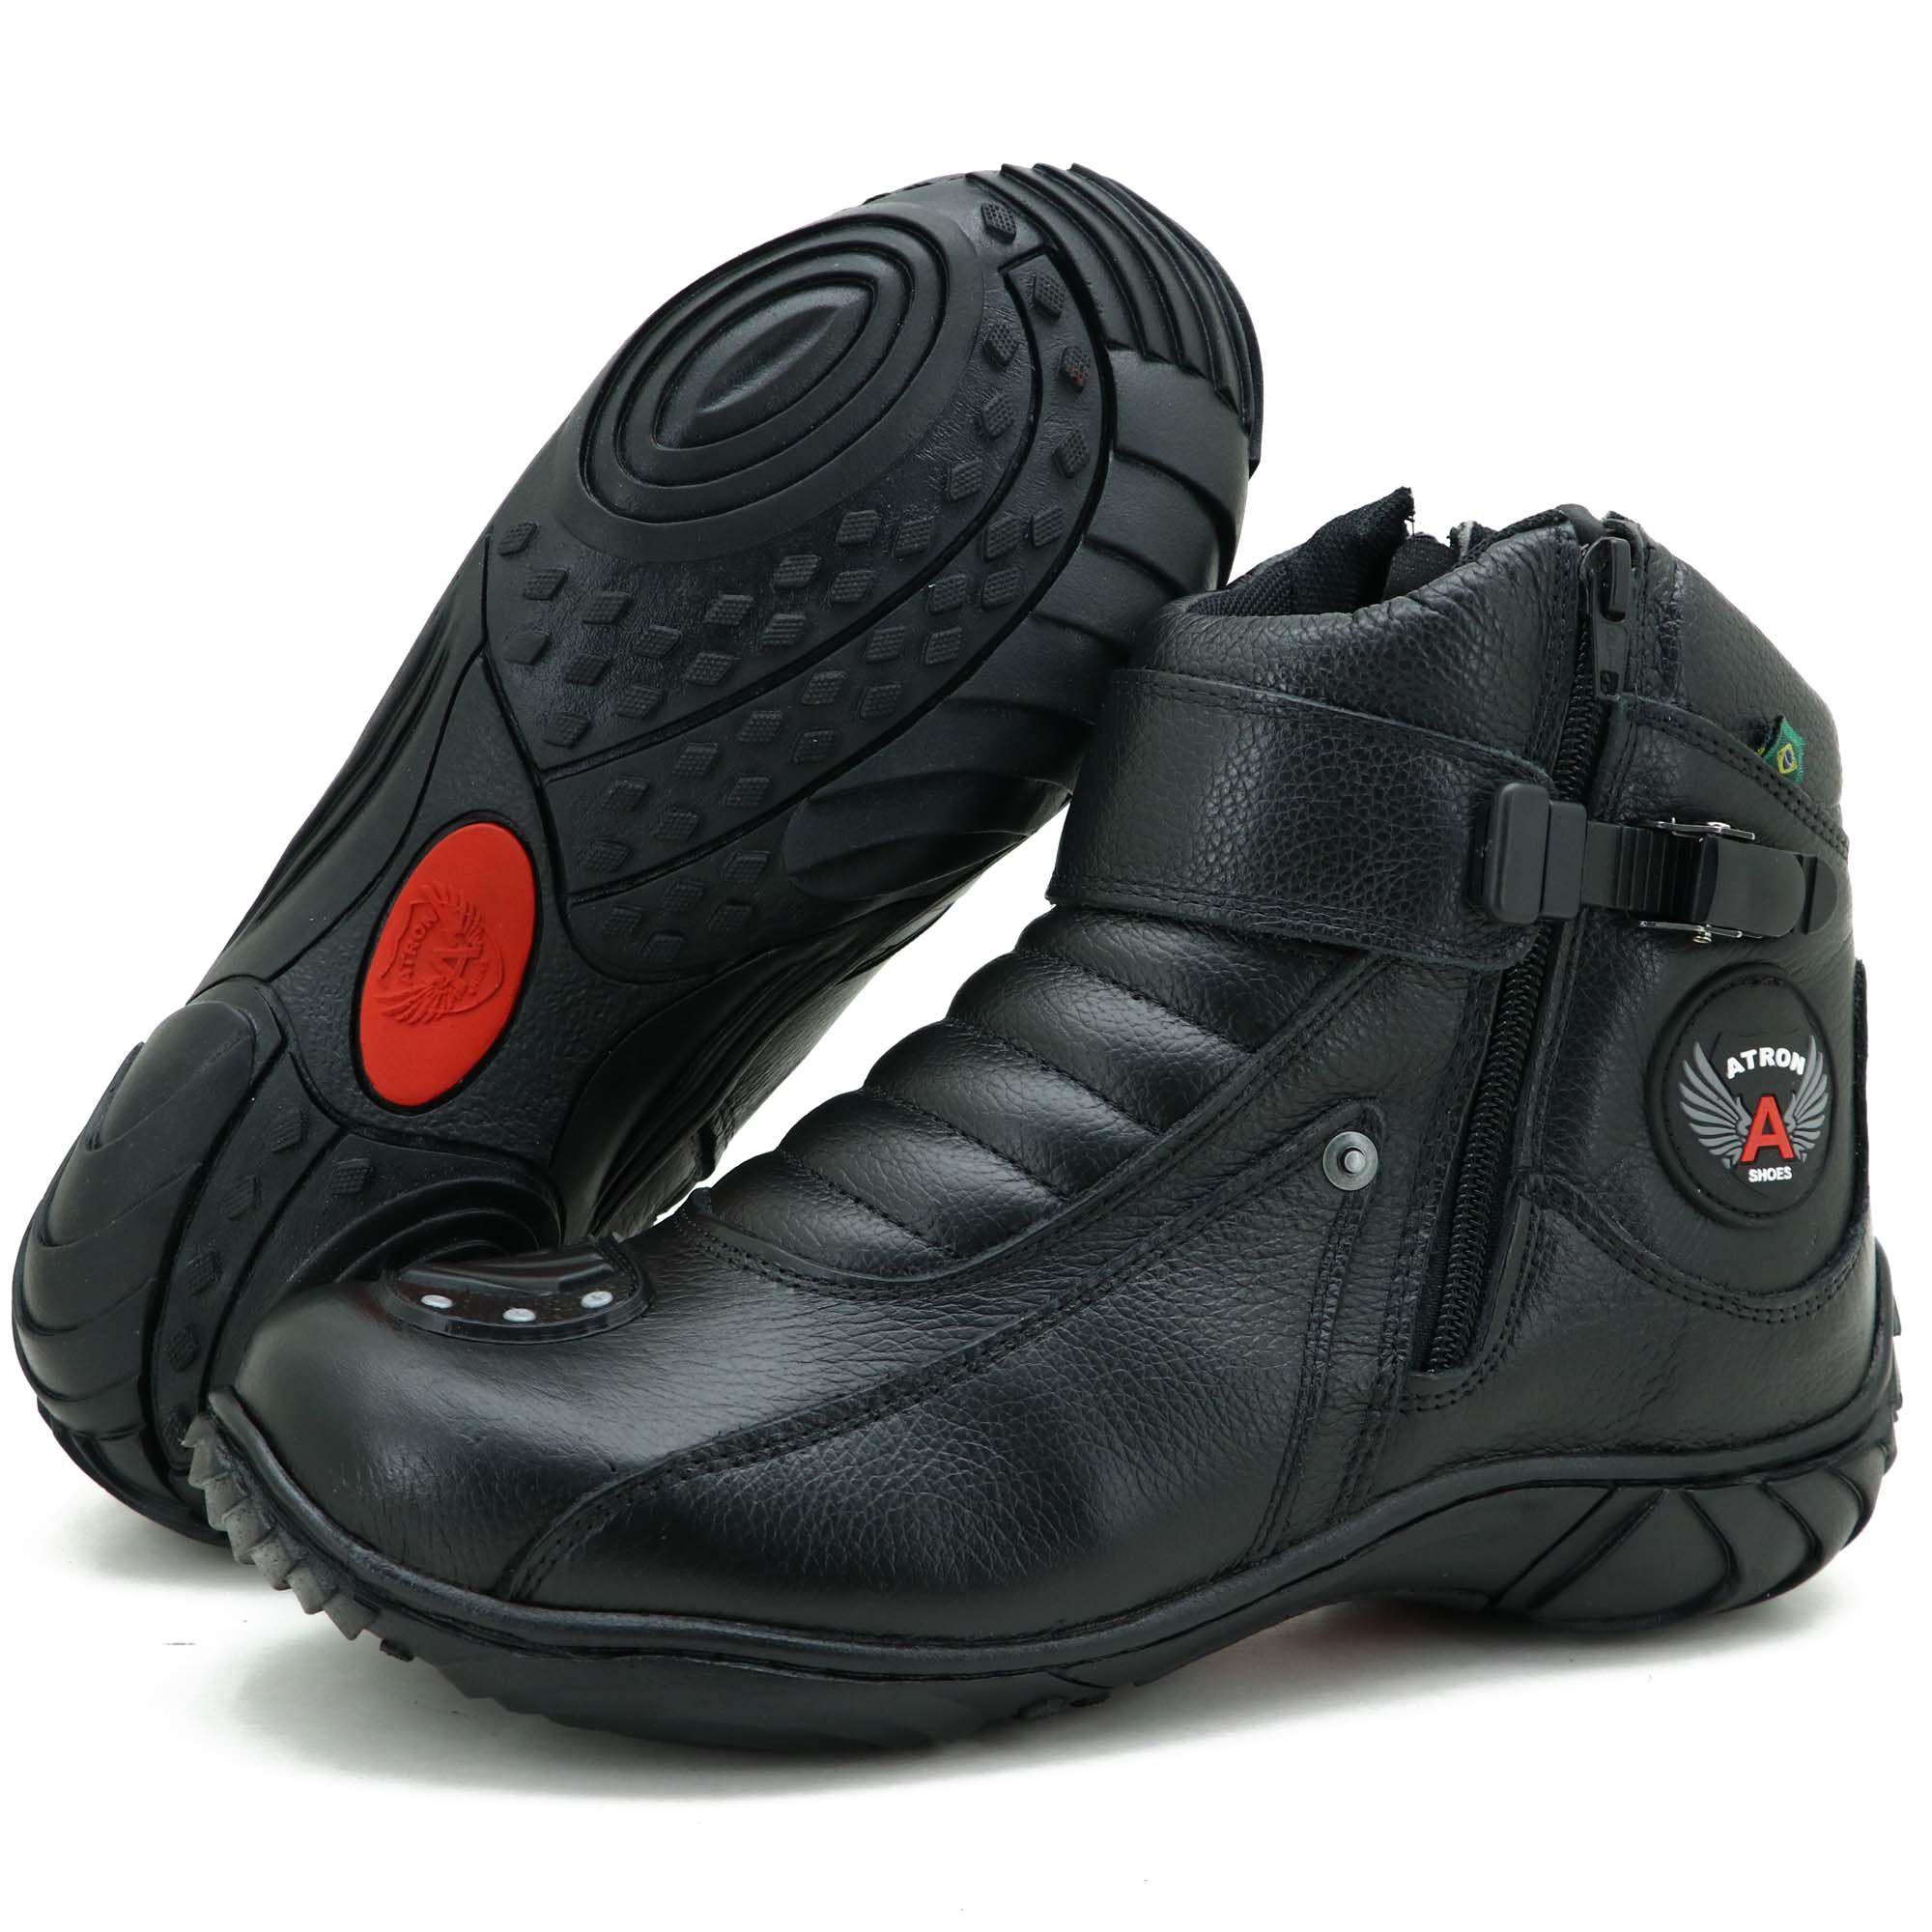 Bota motociclista preta de couro legítimo 271 semi impermeável com chinelo Atron estampado - GRATIS UMA CARTEIRA